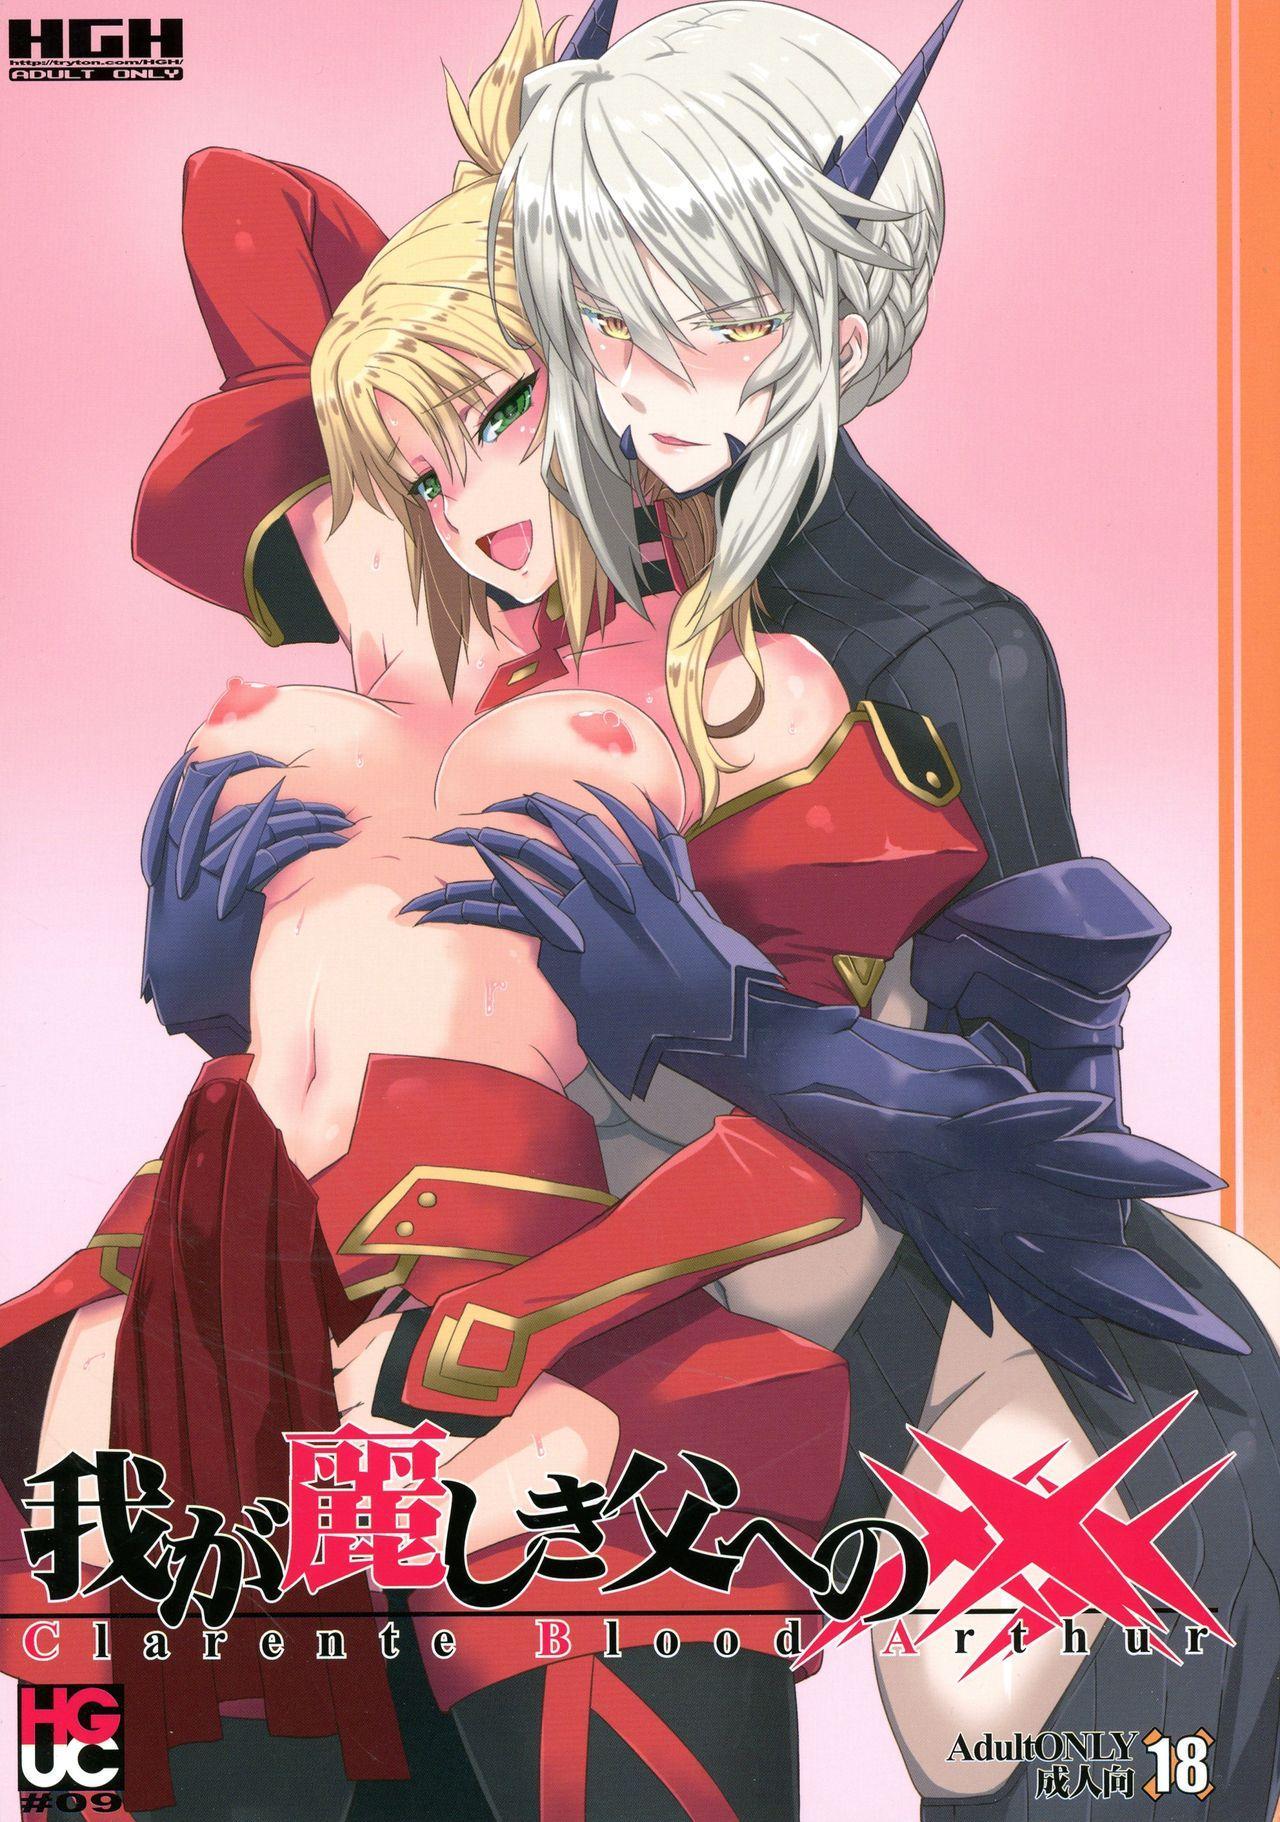 HGUC# 09 Waga Uruwashiki Chichi e no ××× 0